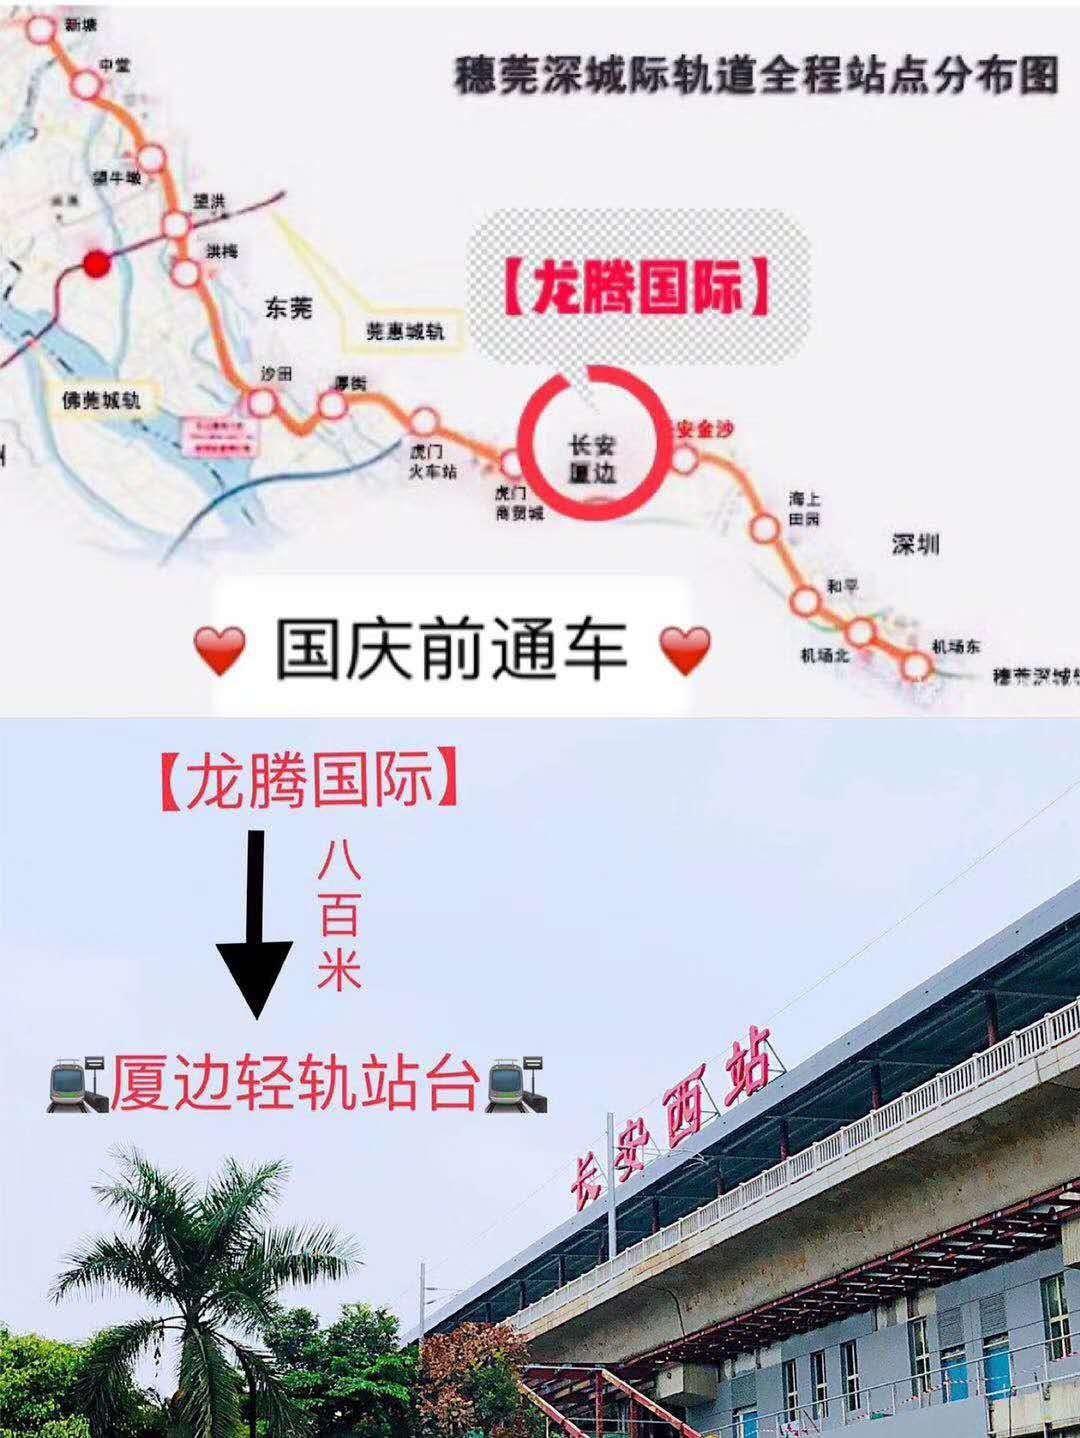 长安厦边8栋【龙腾国际】厦边站400米均价6500首付5成分期3年